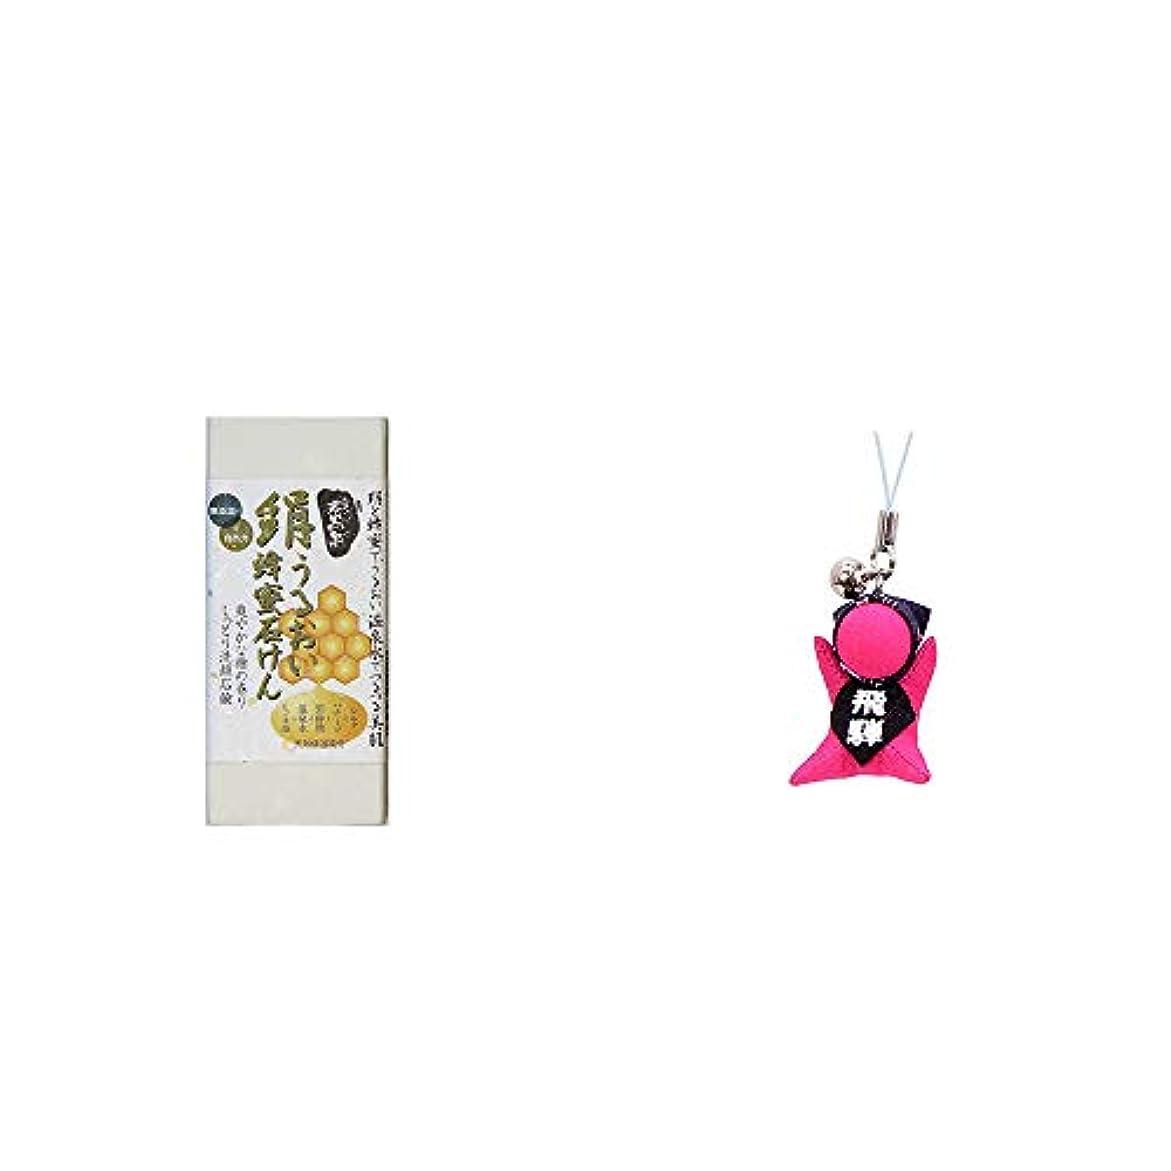 選出する引き金パントリー[2点セット] ひのき炭黒泉 絹うるおい蜂蜜石けん(75g×2)?さるぼぼ幸福ストラップ 【ピンク】 / 風水カラー全9種類 縁結び?恋愛(出会い) お守り//